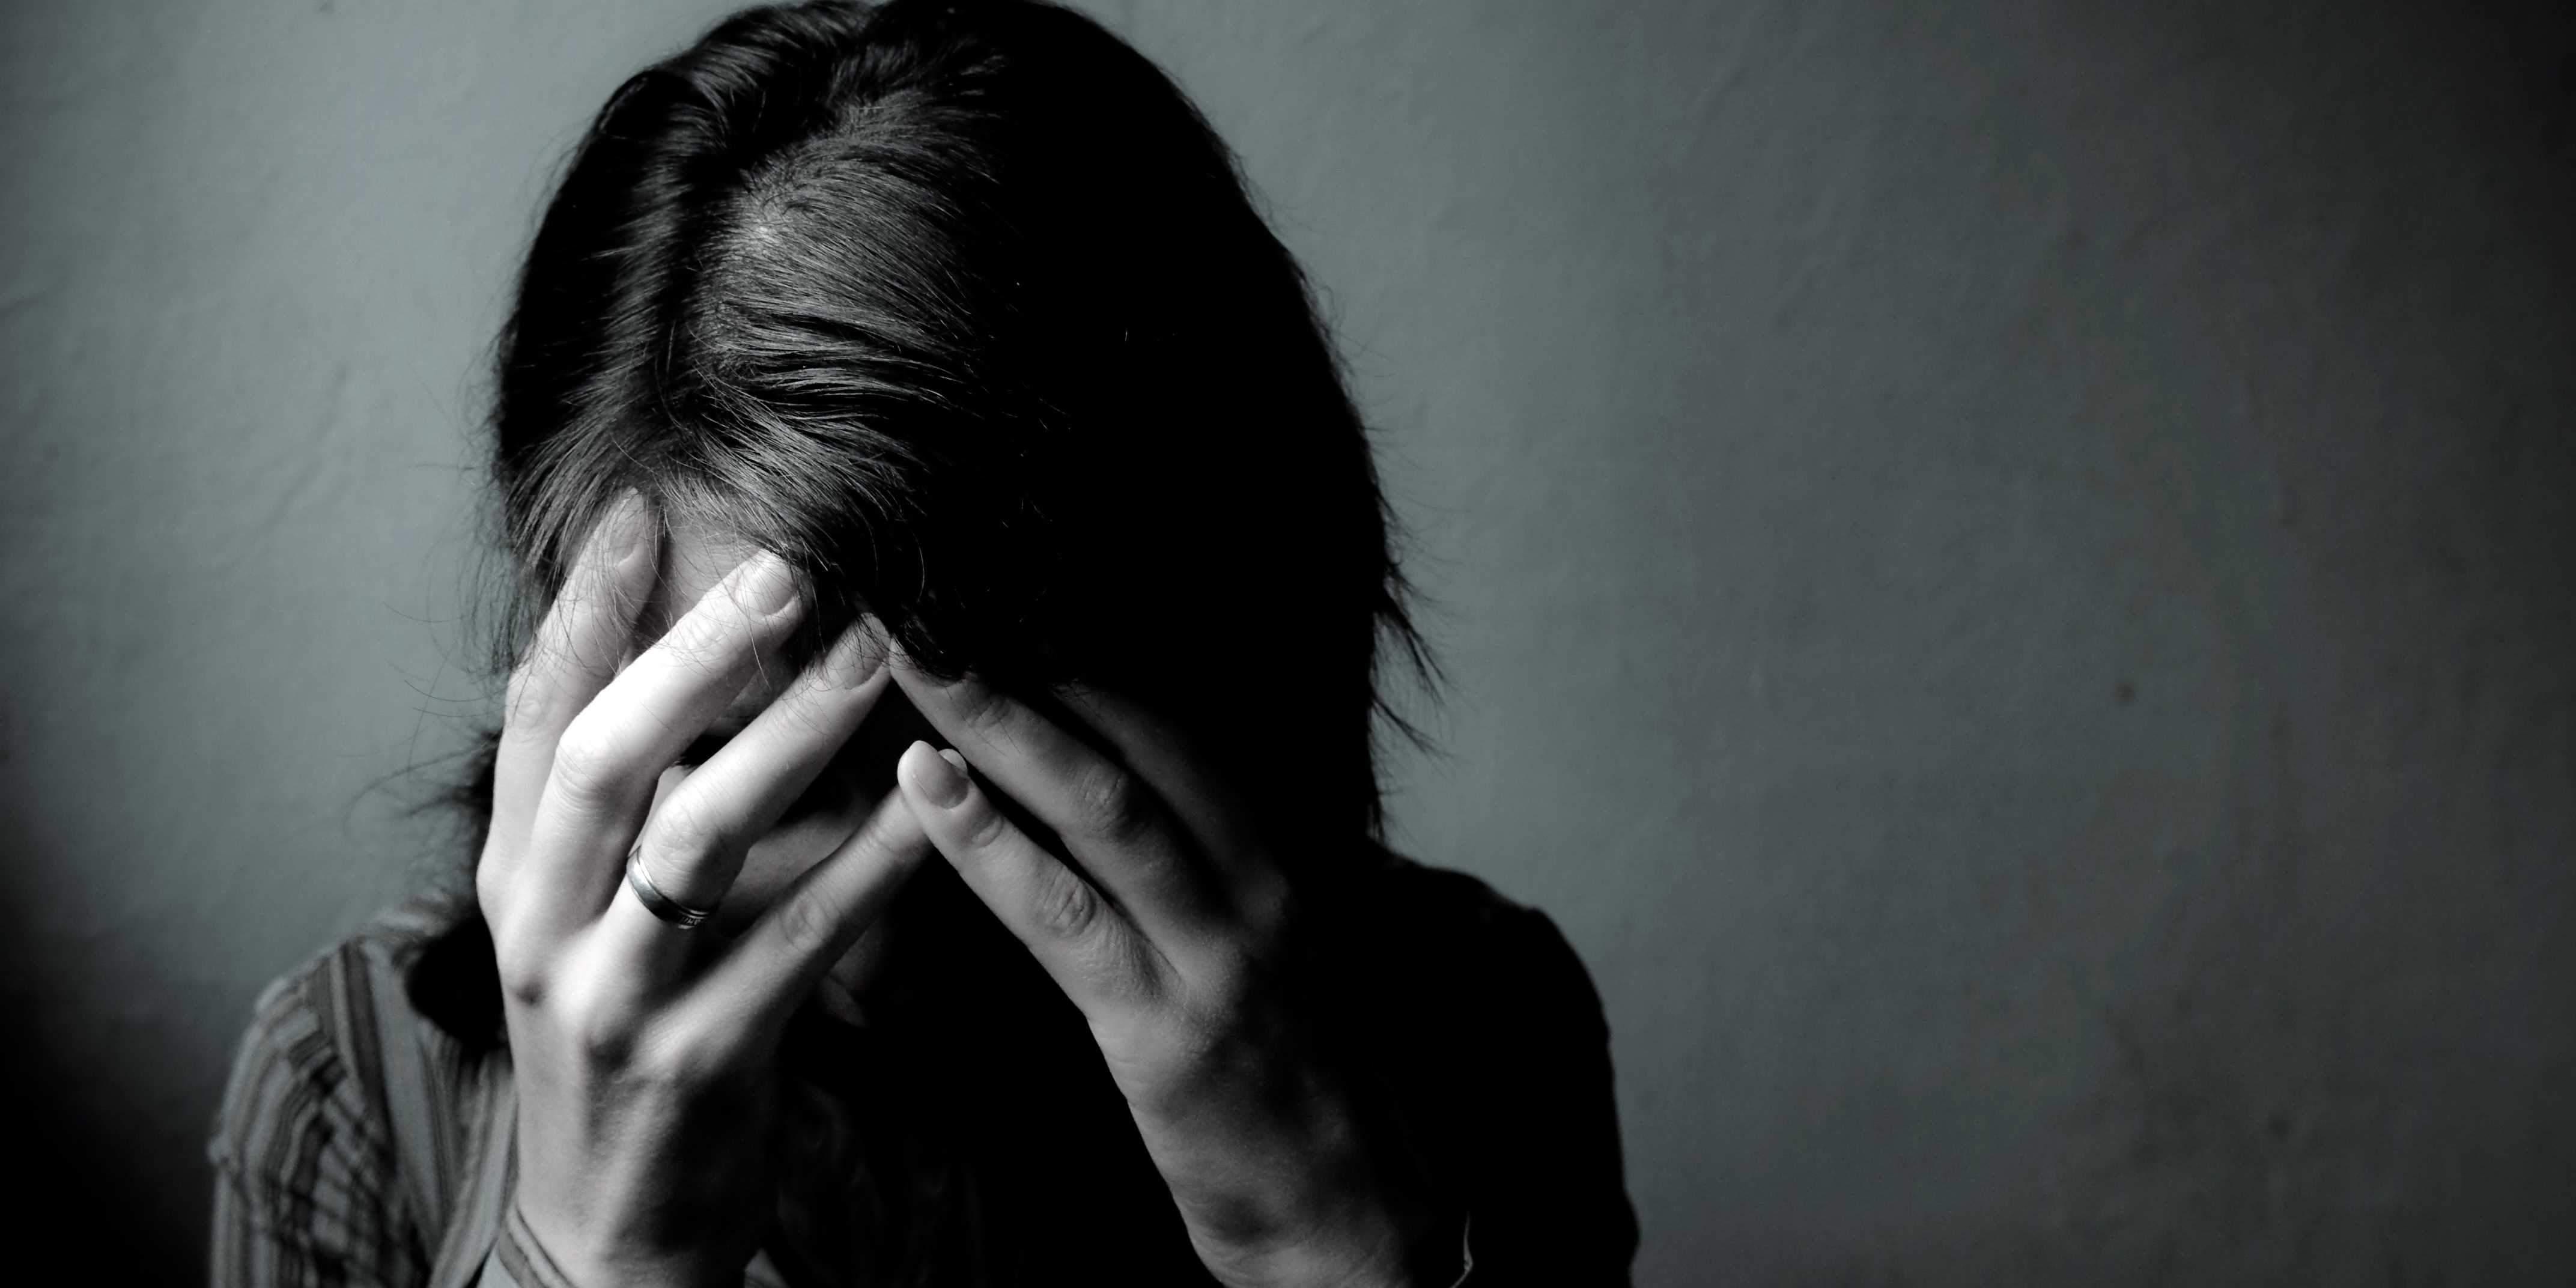 304795 الامراض النفسية المنتشرة - 5 أمراض نفسية الأكثر شهرة فى العالم.. و25% من المصريين لديهم اضطرابات